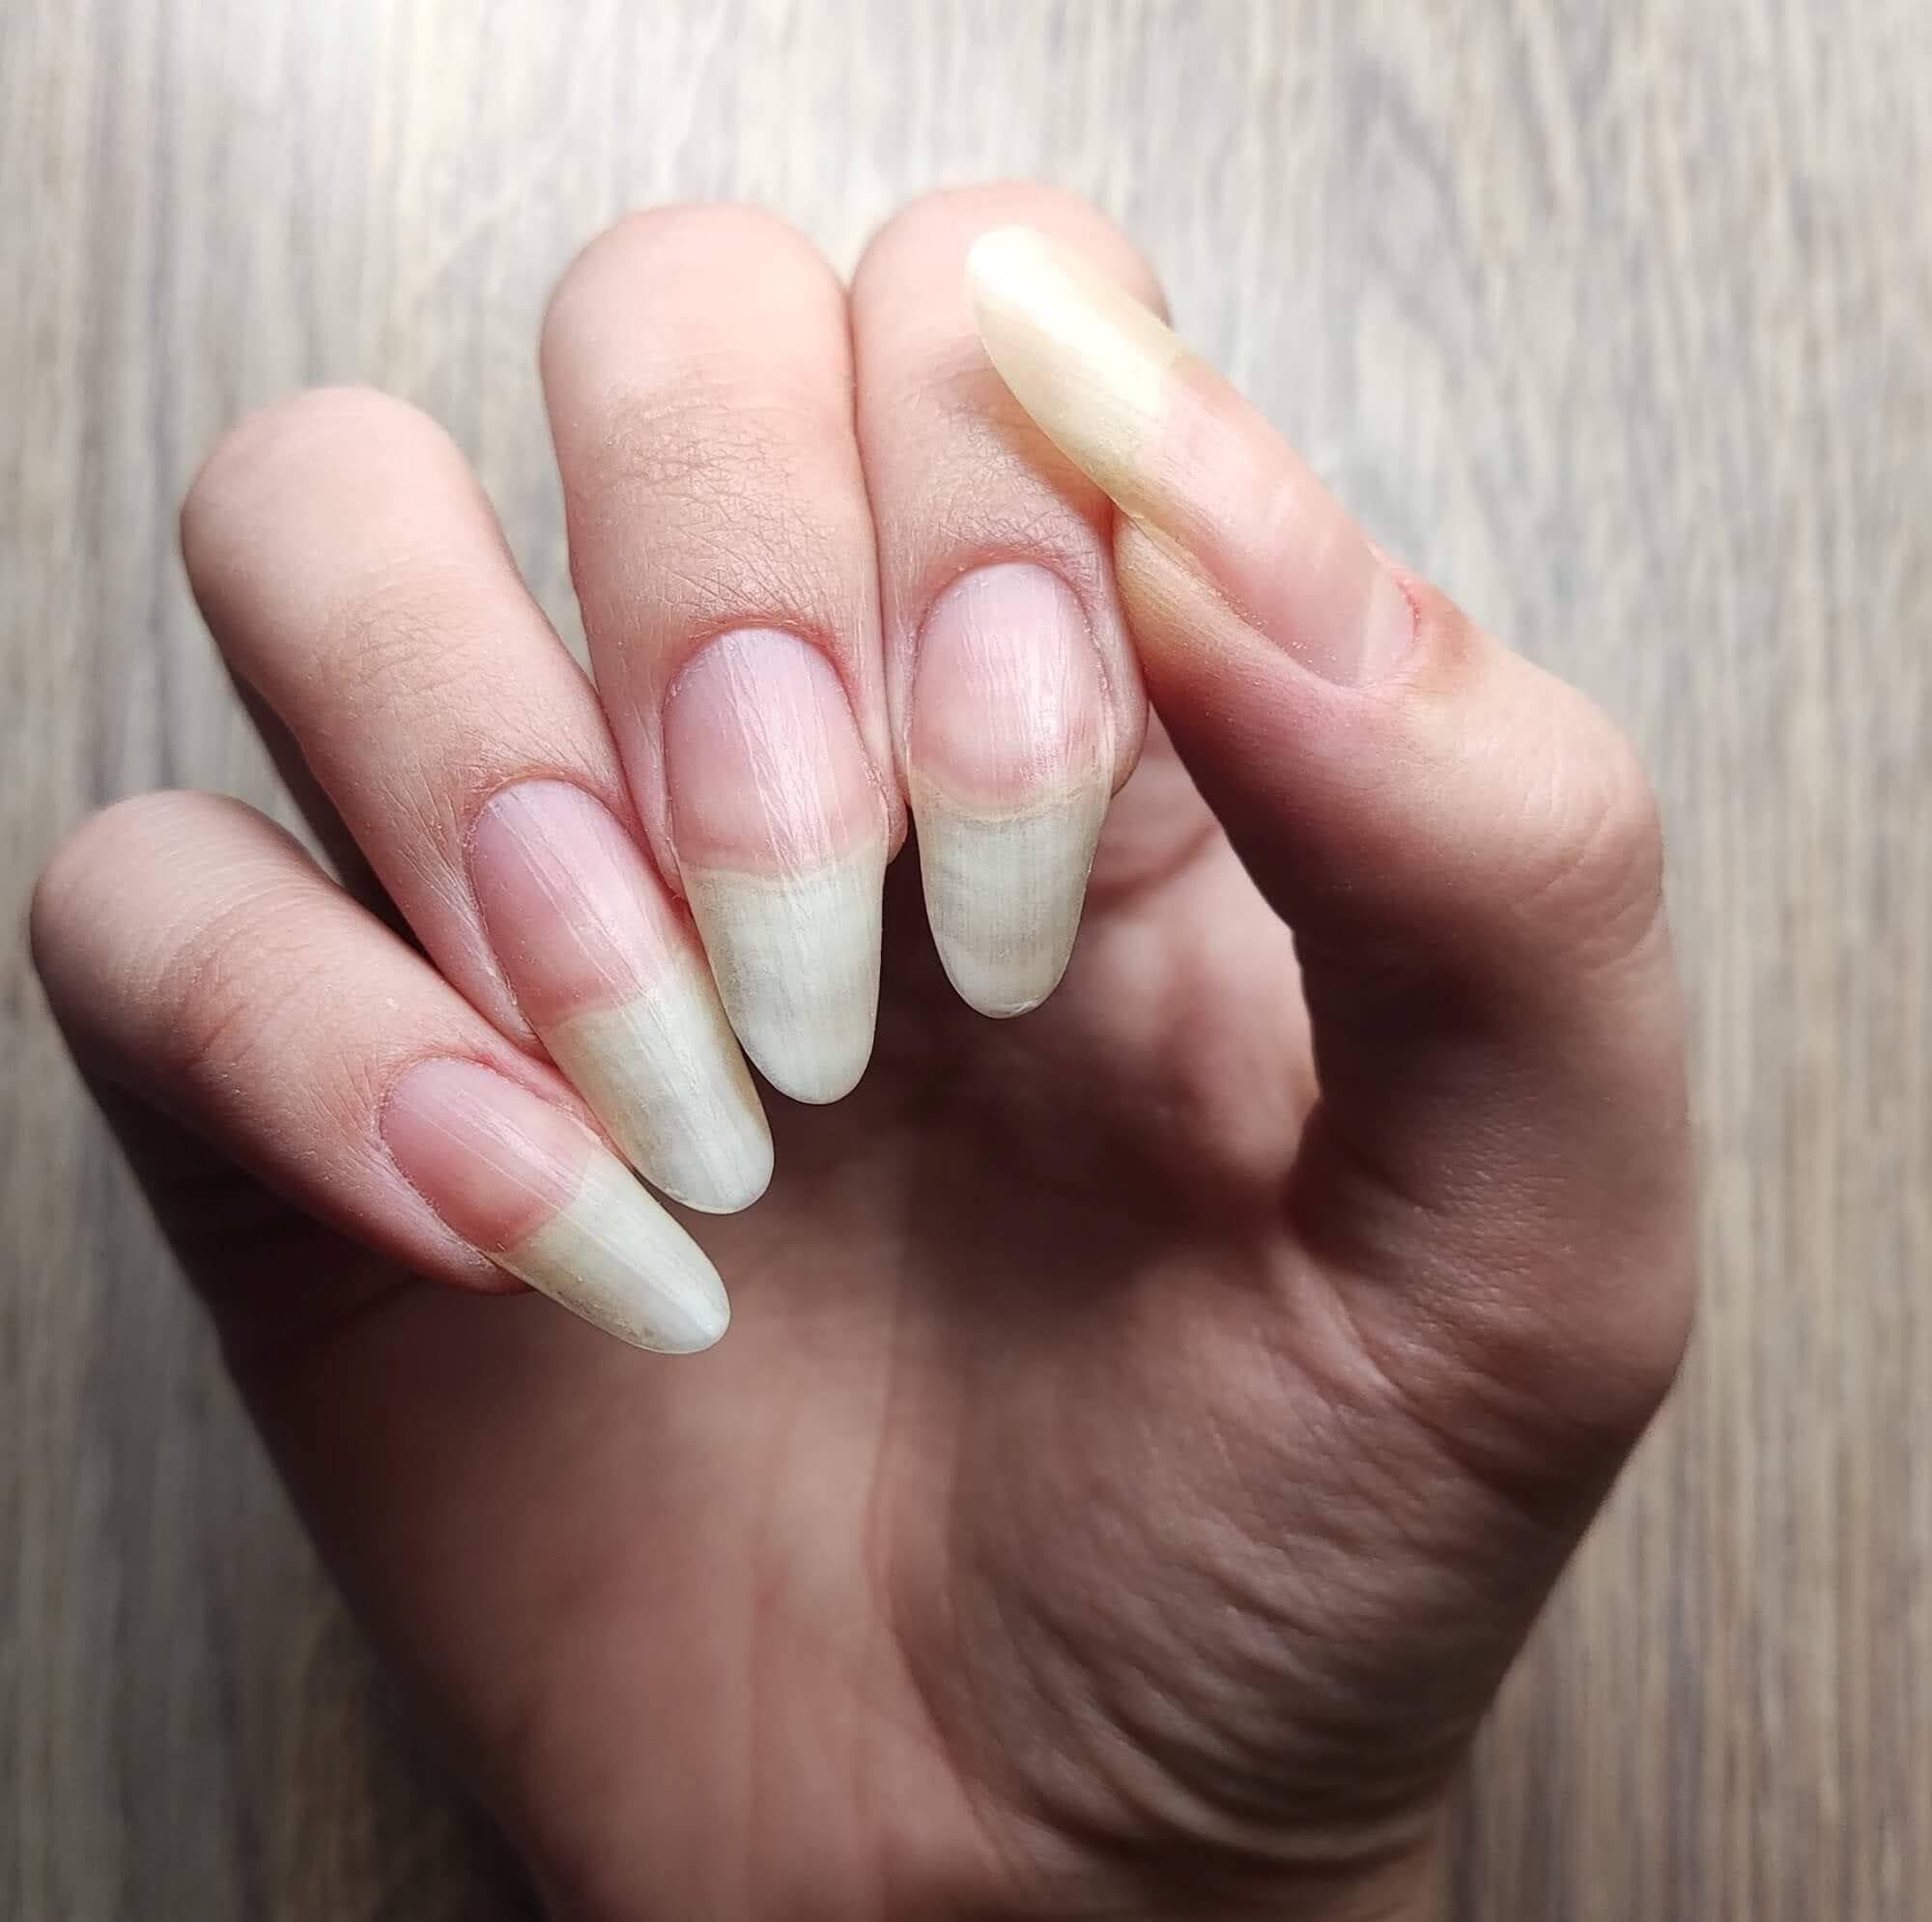 paznokcie przed skróceniem